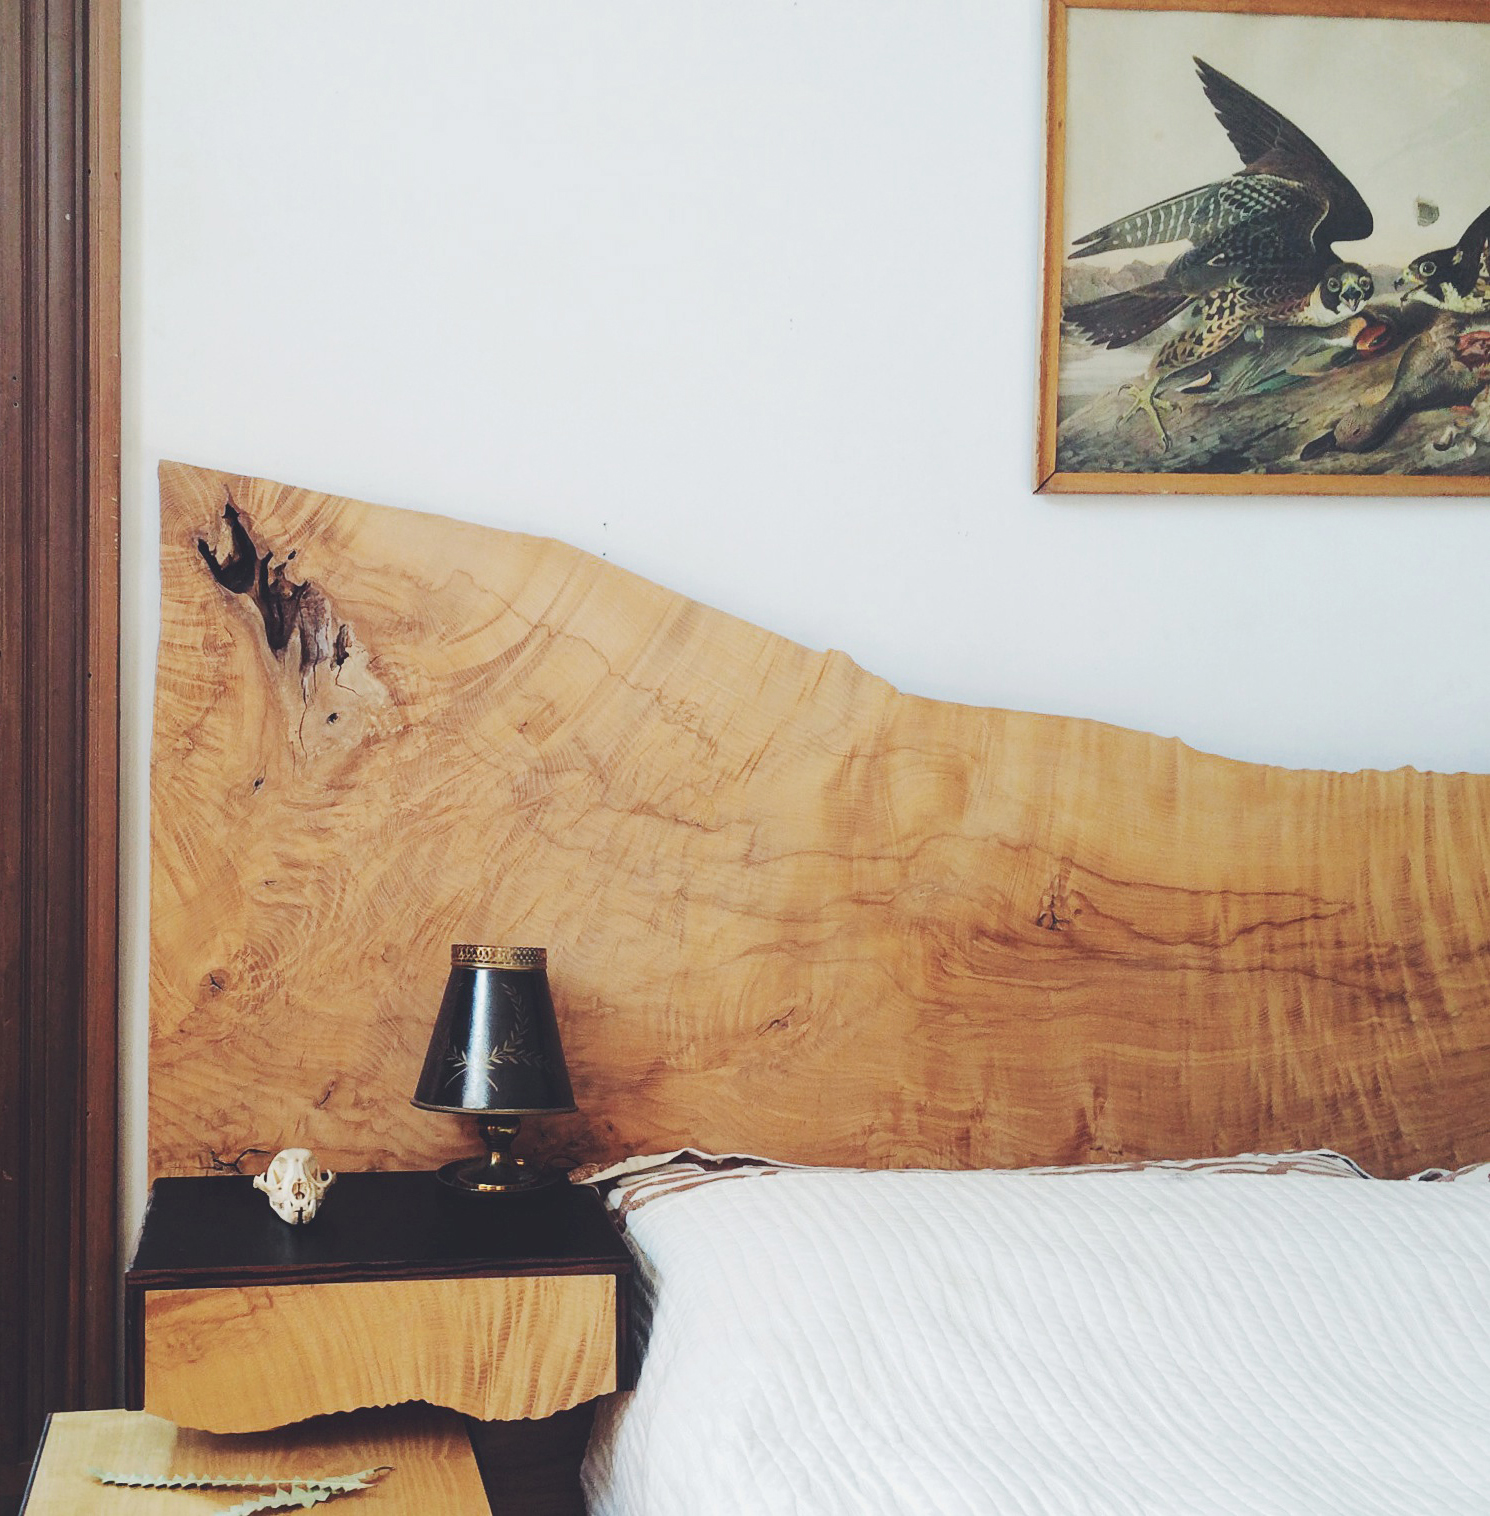 Figured ash slab bed